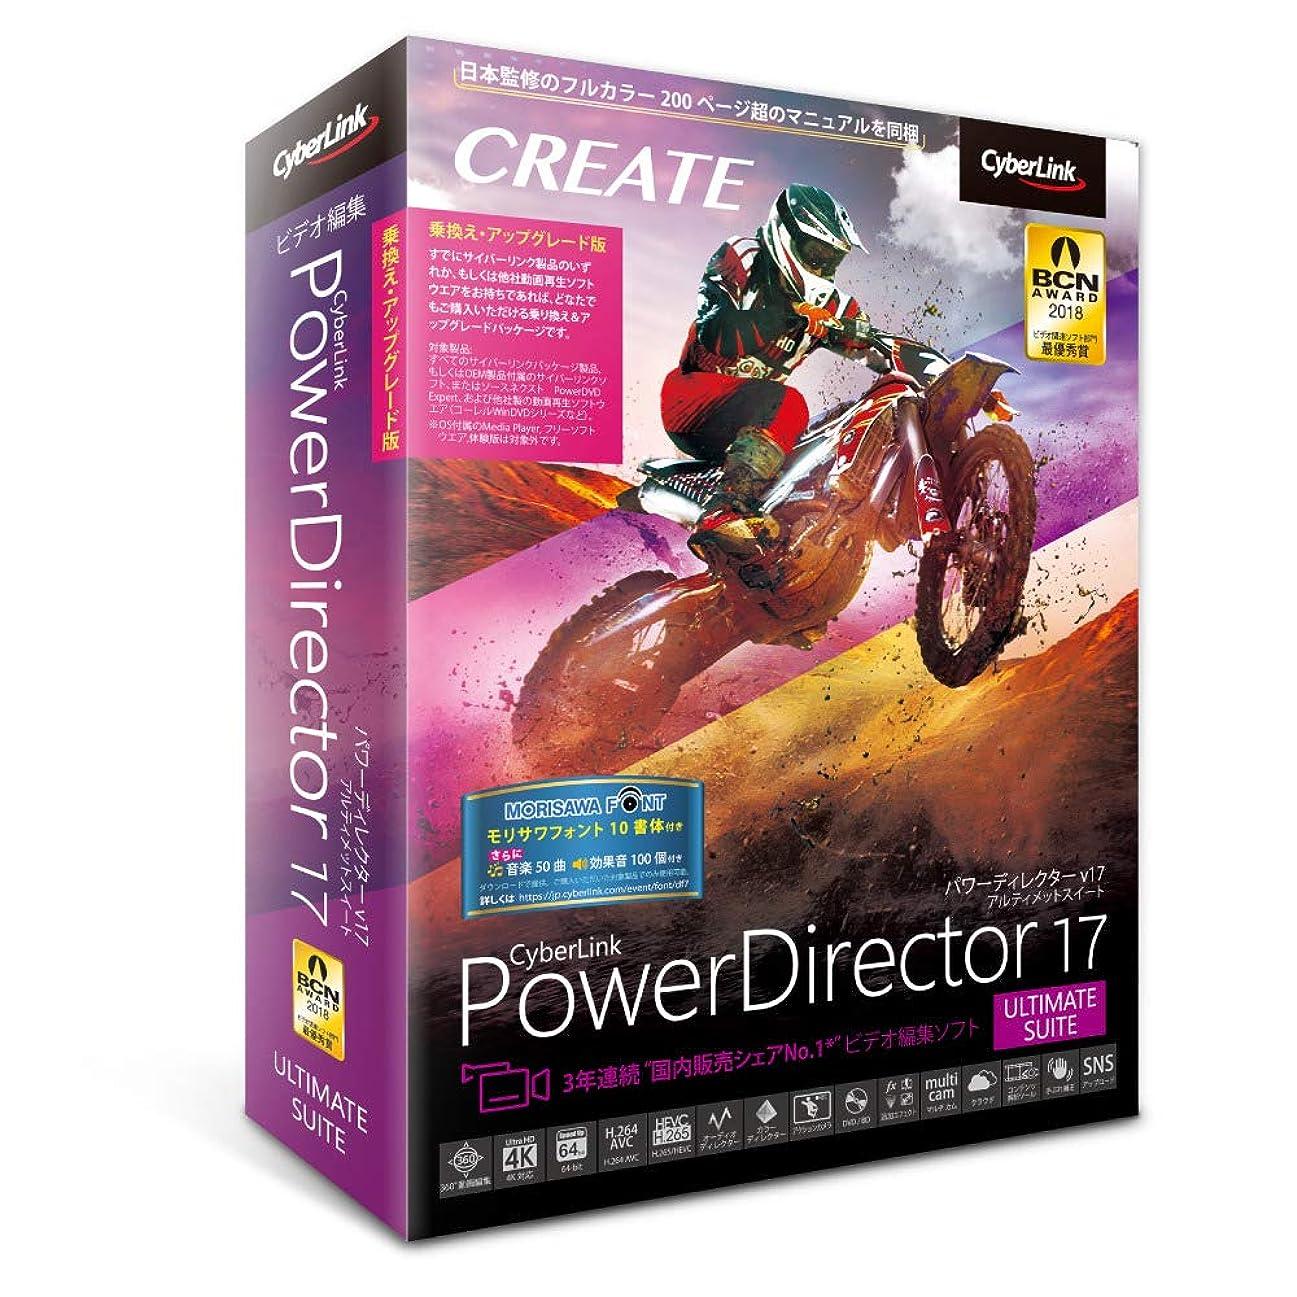 のロデオ寛容サイバーリンク PowerDirector 17 Ultimate Suite 乗換え?アップグレード版